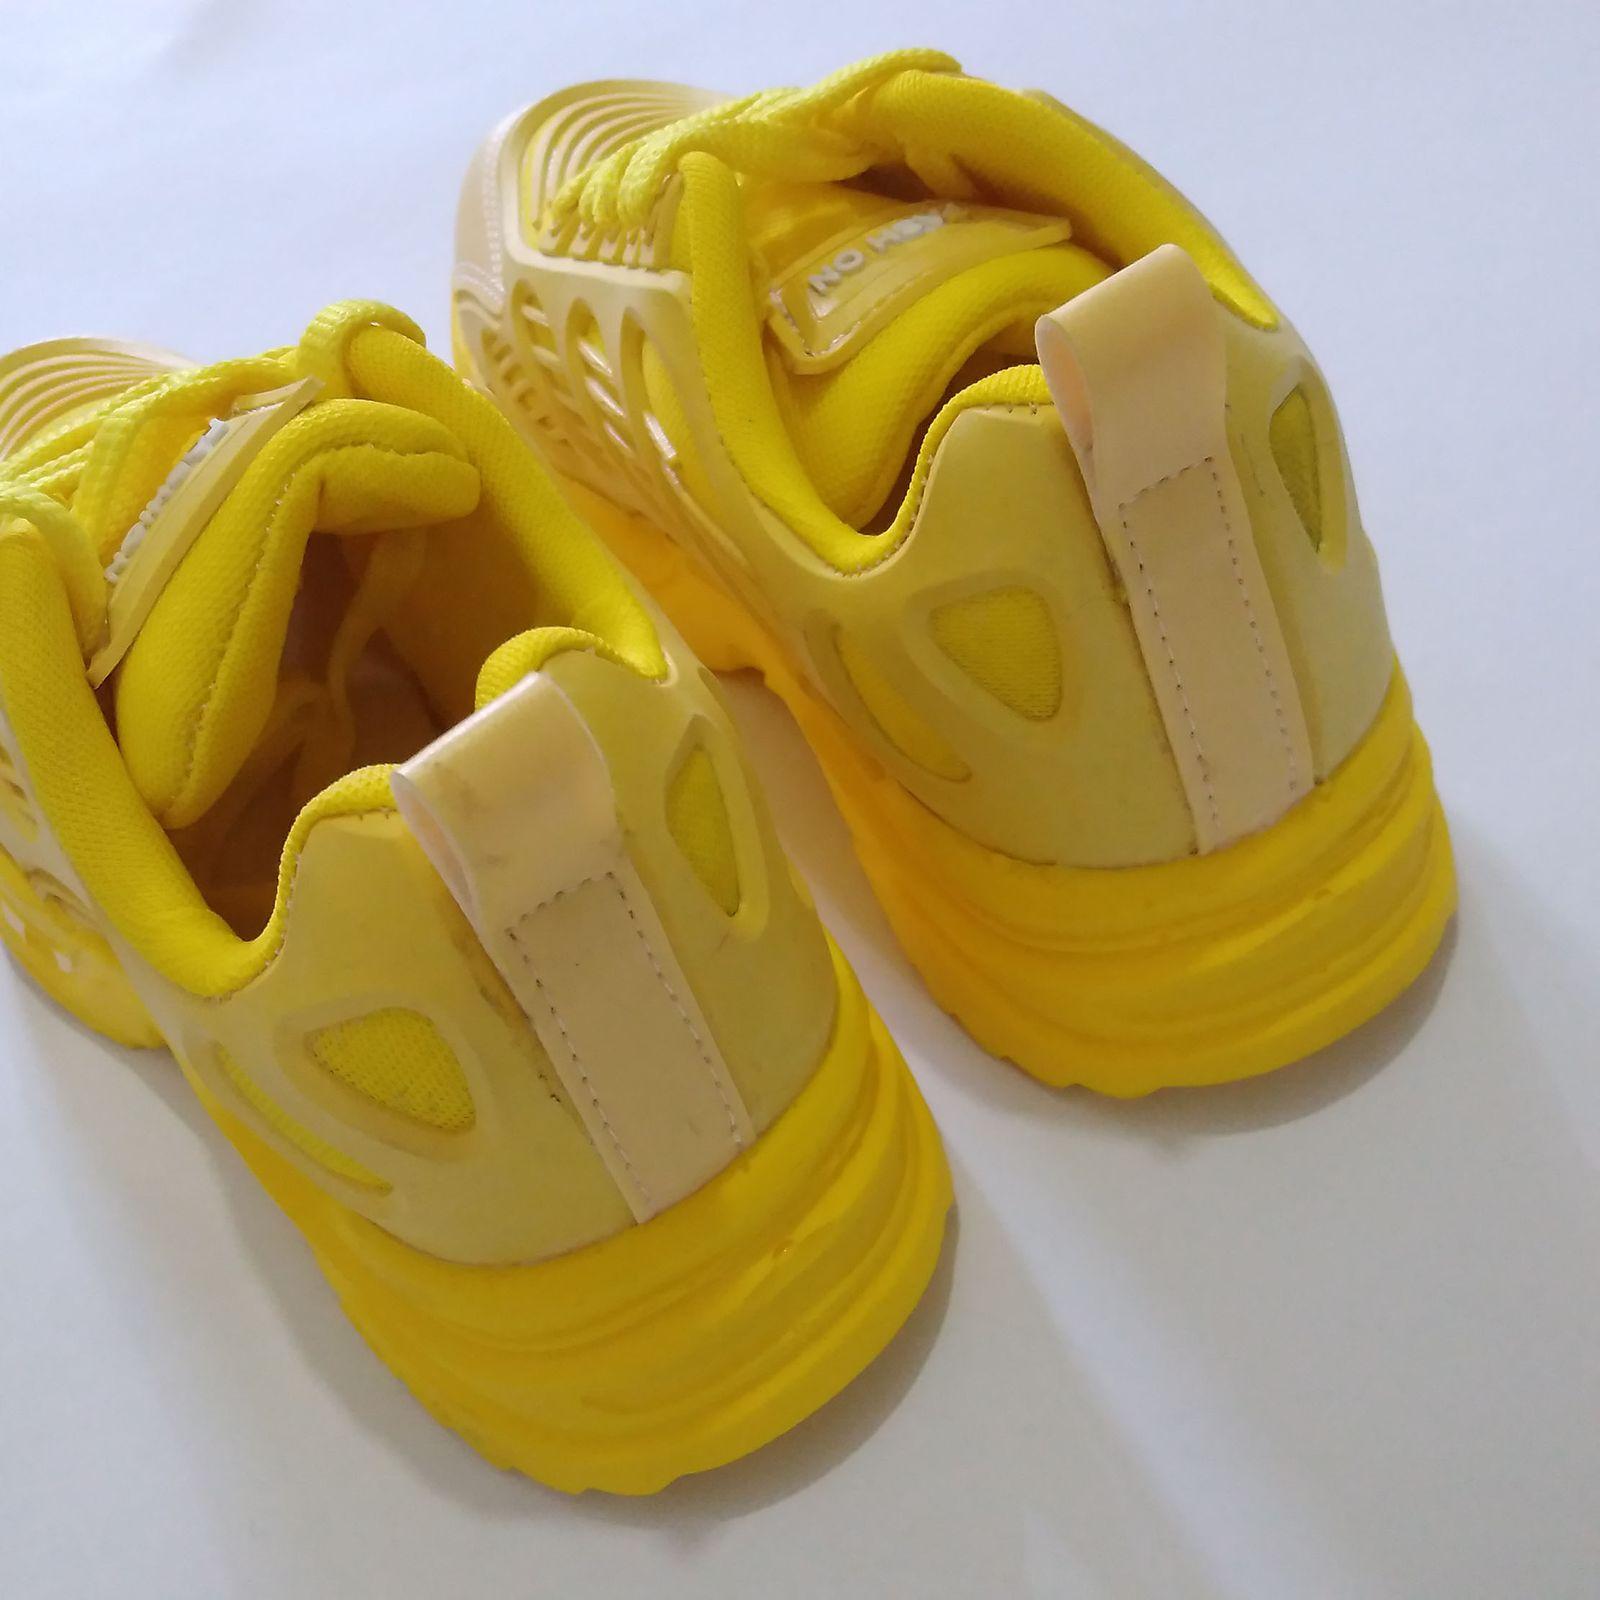 کفش پیاده روی دخترانه کد 1443 -  - 7